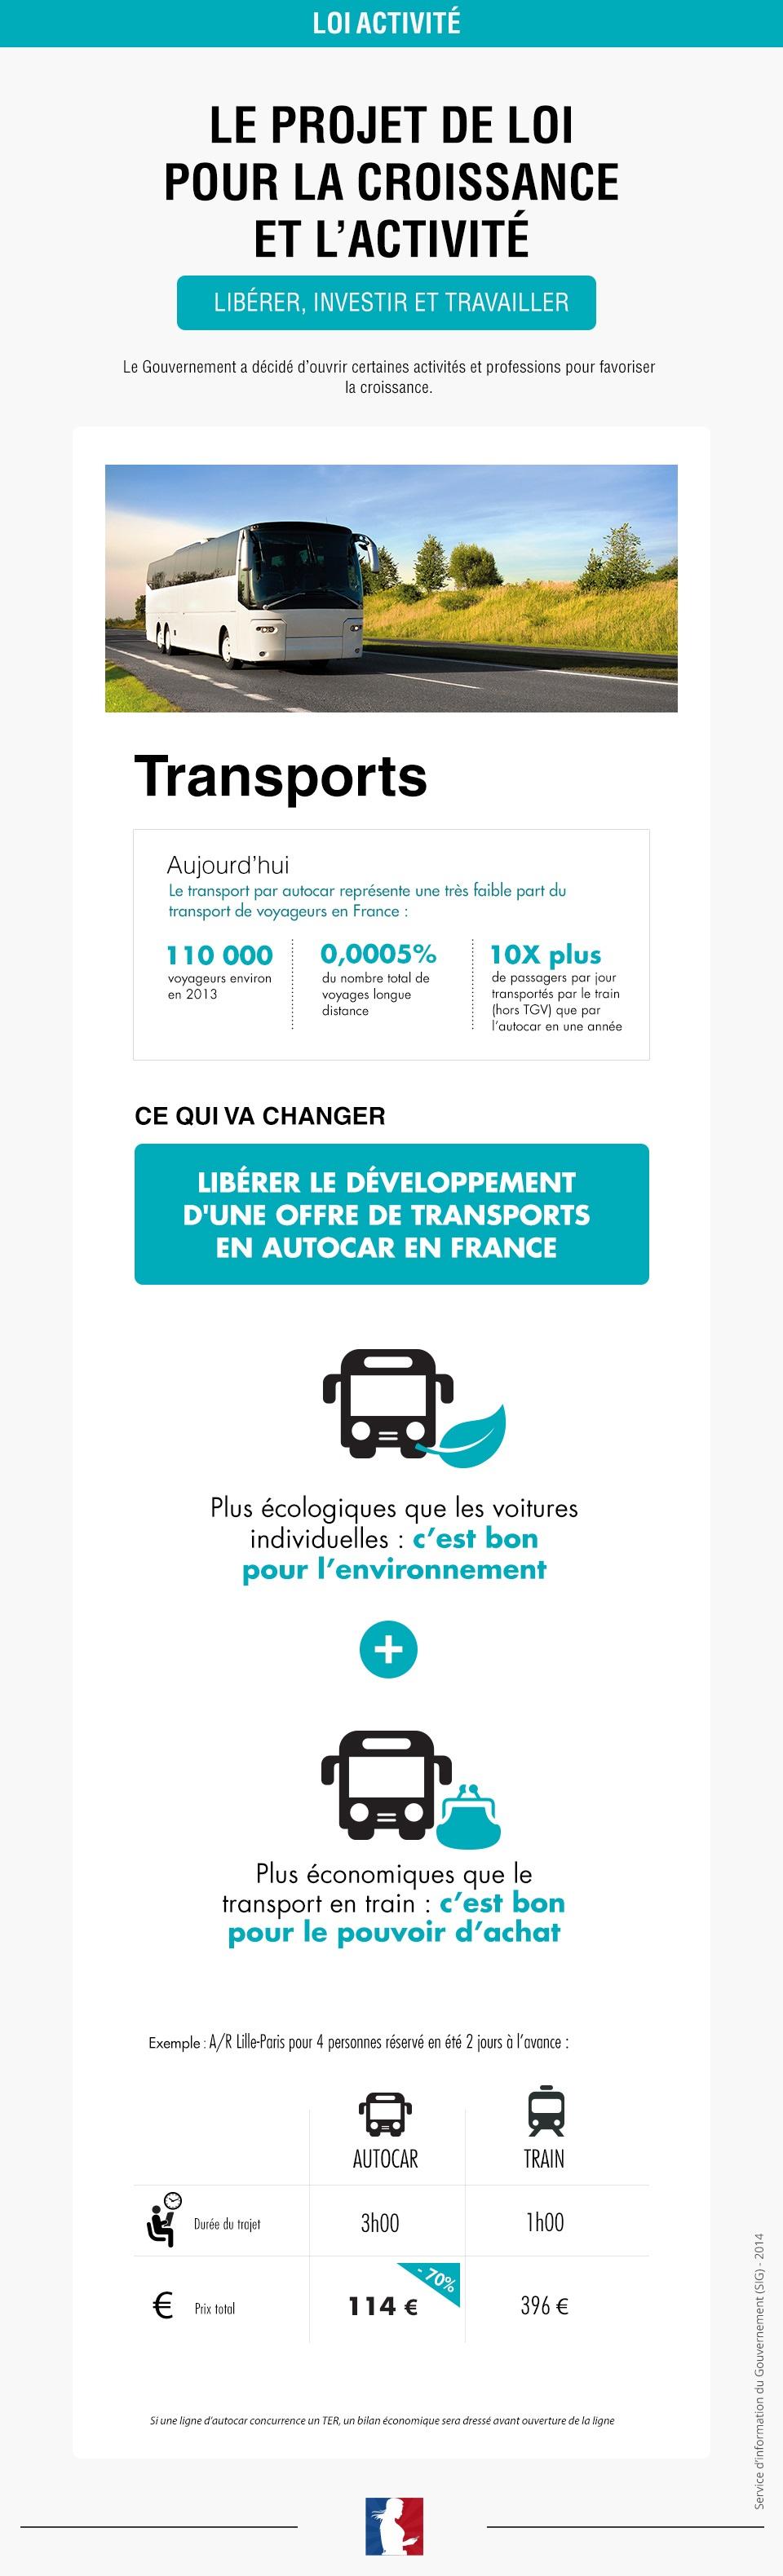 Infographie sur les transports - voir en plus grand